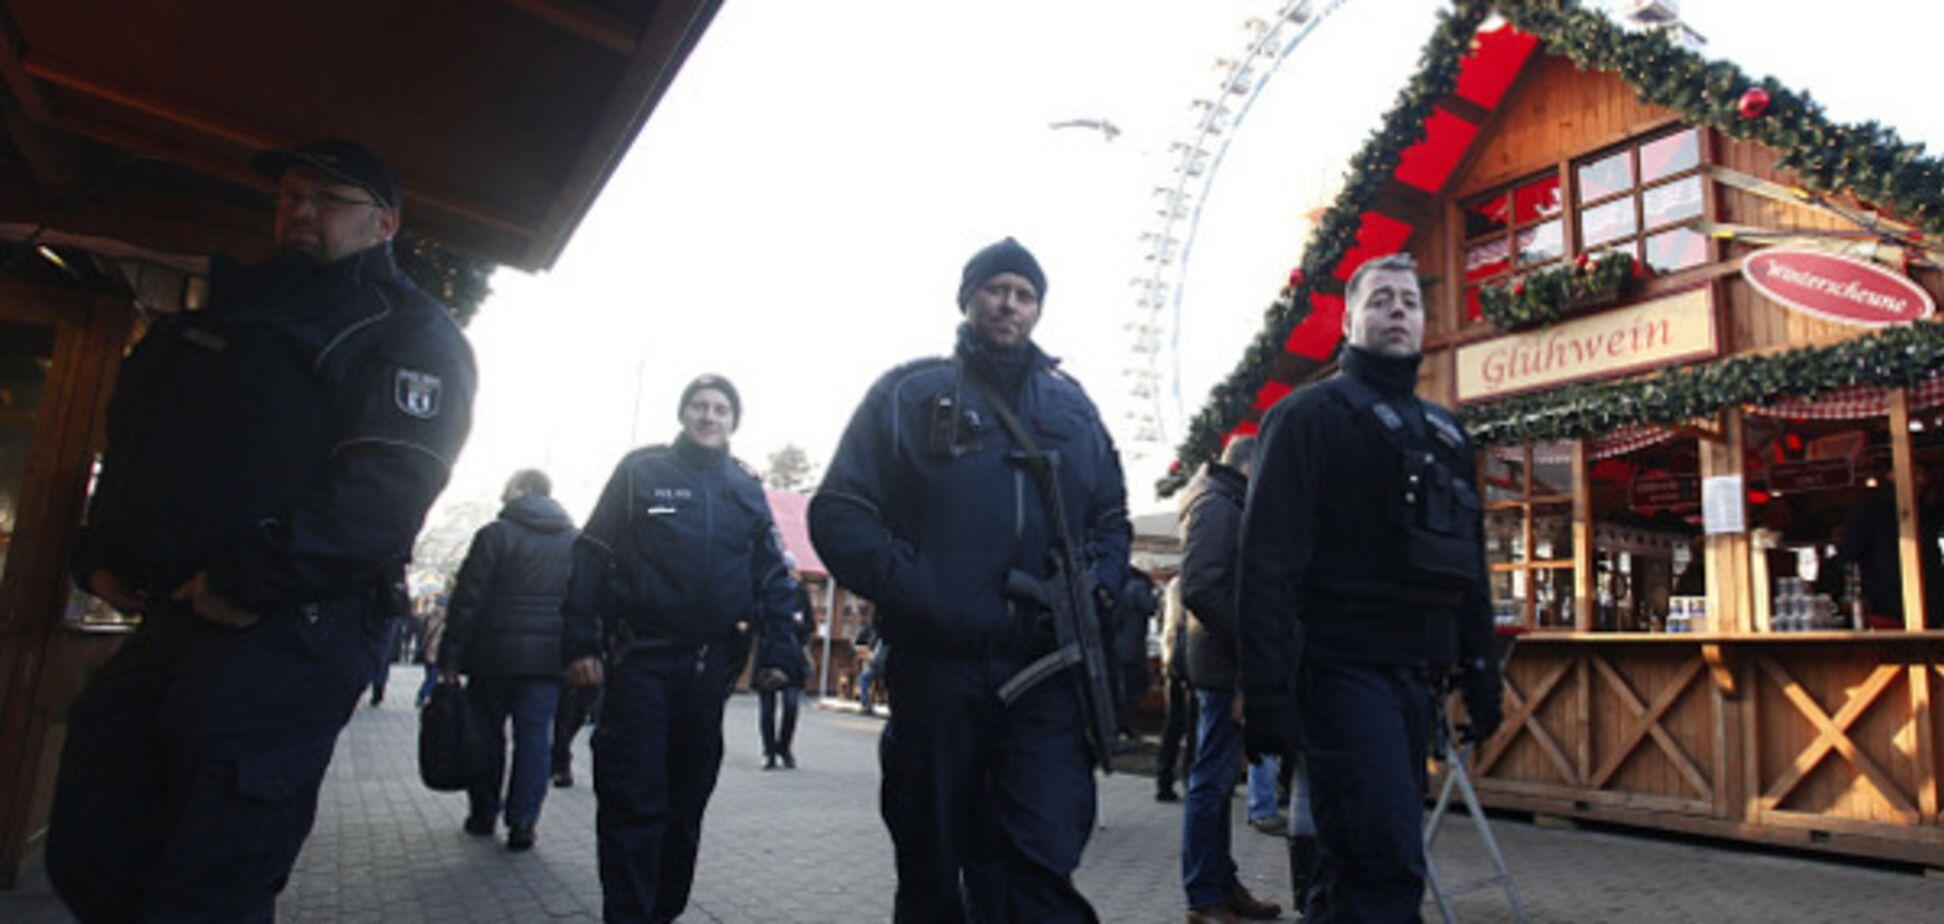 Опасное Рождество: украинцев предупредили об угрозе терактов в Европе